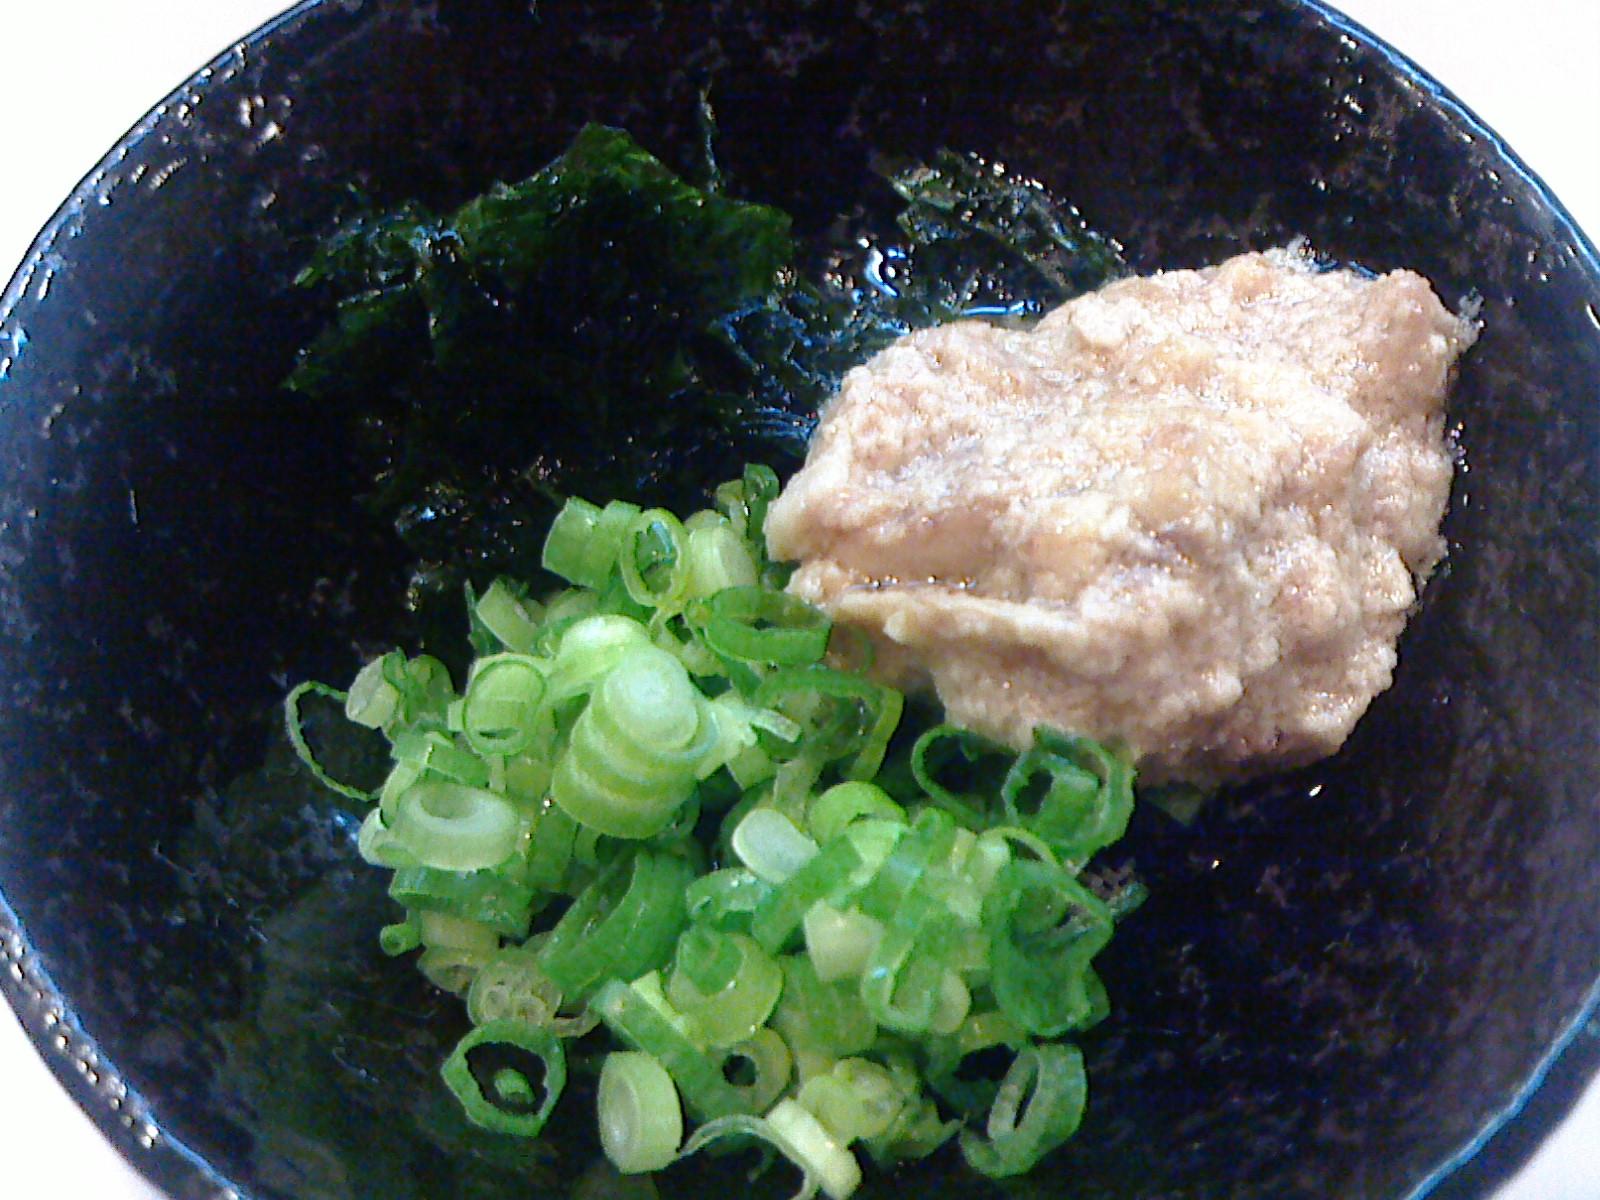 千葉でとても美味しいお寿司をお腹いっぱいいただきました。_c0225997_109207.jpg